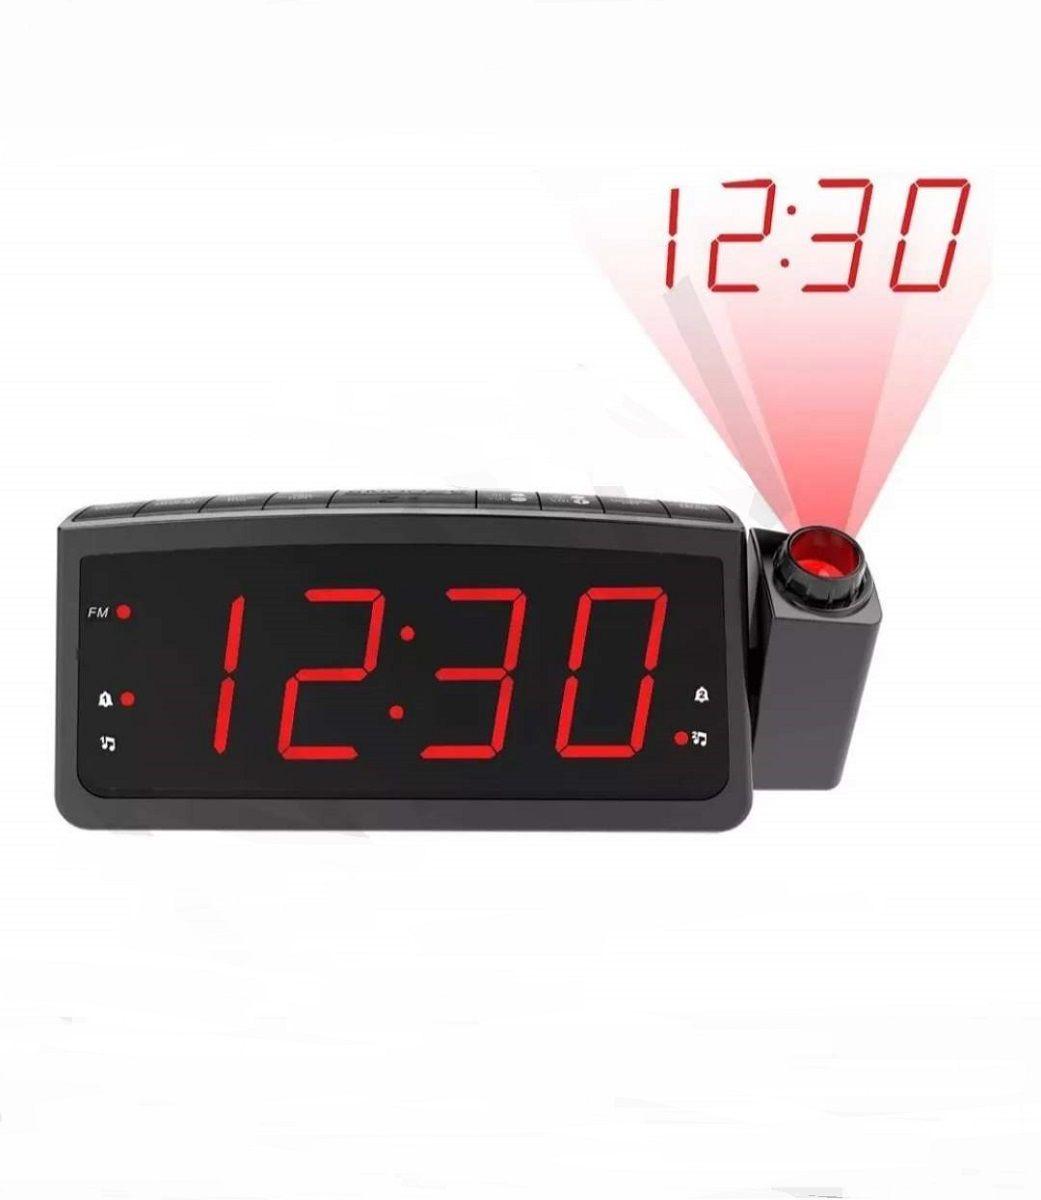 Radio Relógio Despertador Digital Lelong Le-672 Fm Usb E Projetor Hora